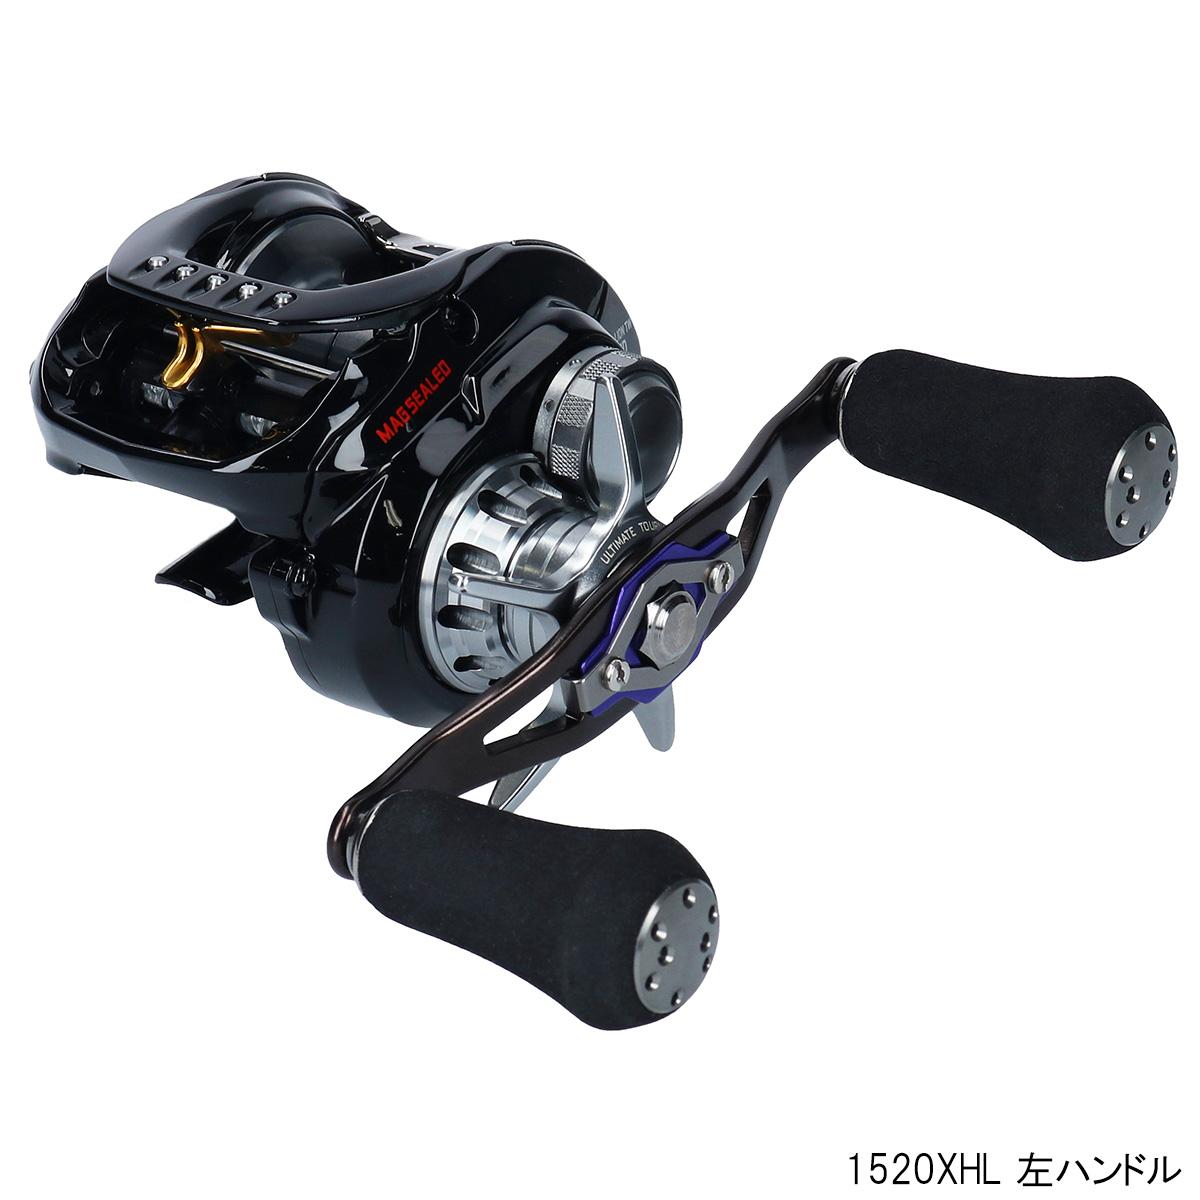 ダイワ ジリオン TW HD 1520XHL 左ハンドル【送料無料】